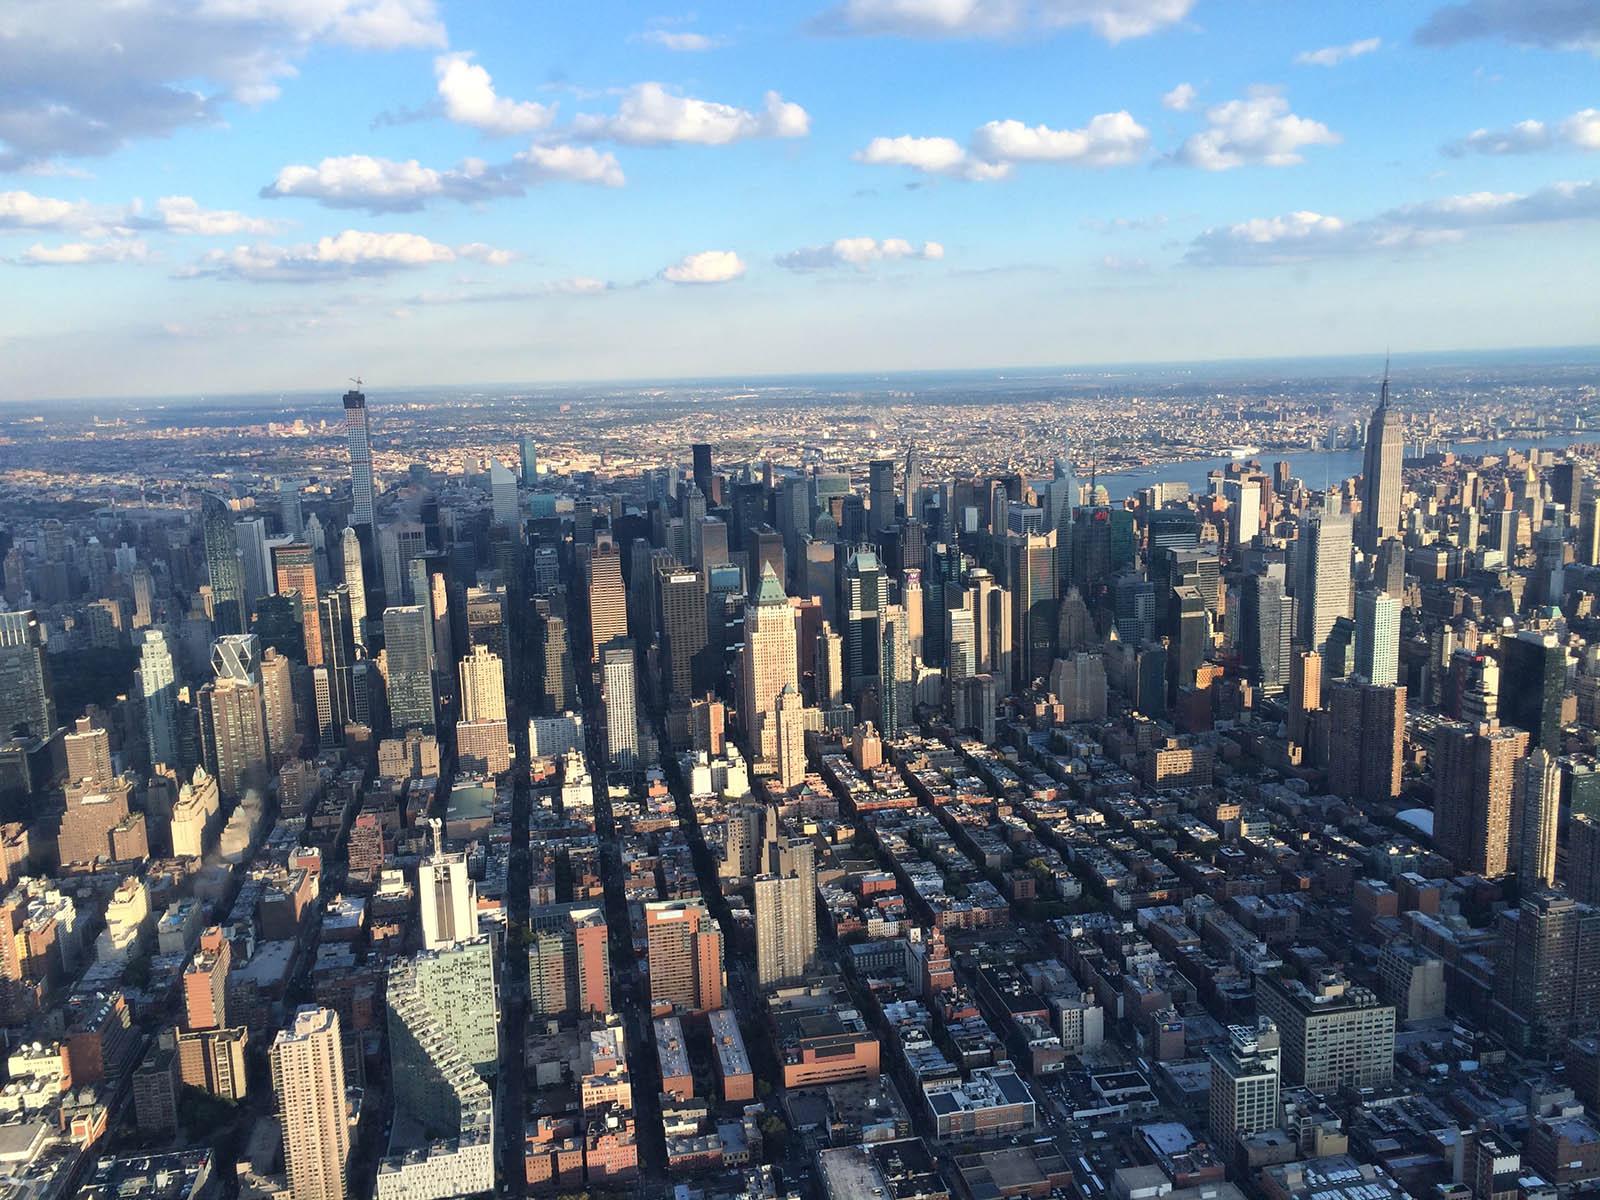 Blick auf Midtown New York vom Helikopter aus